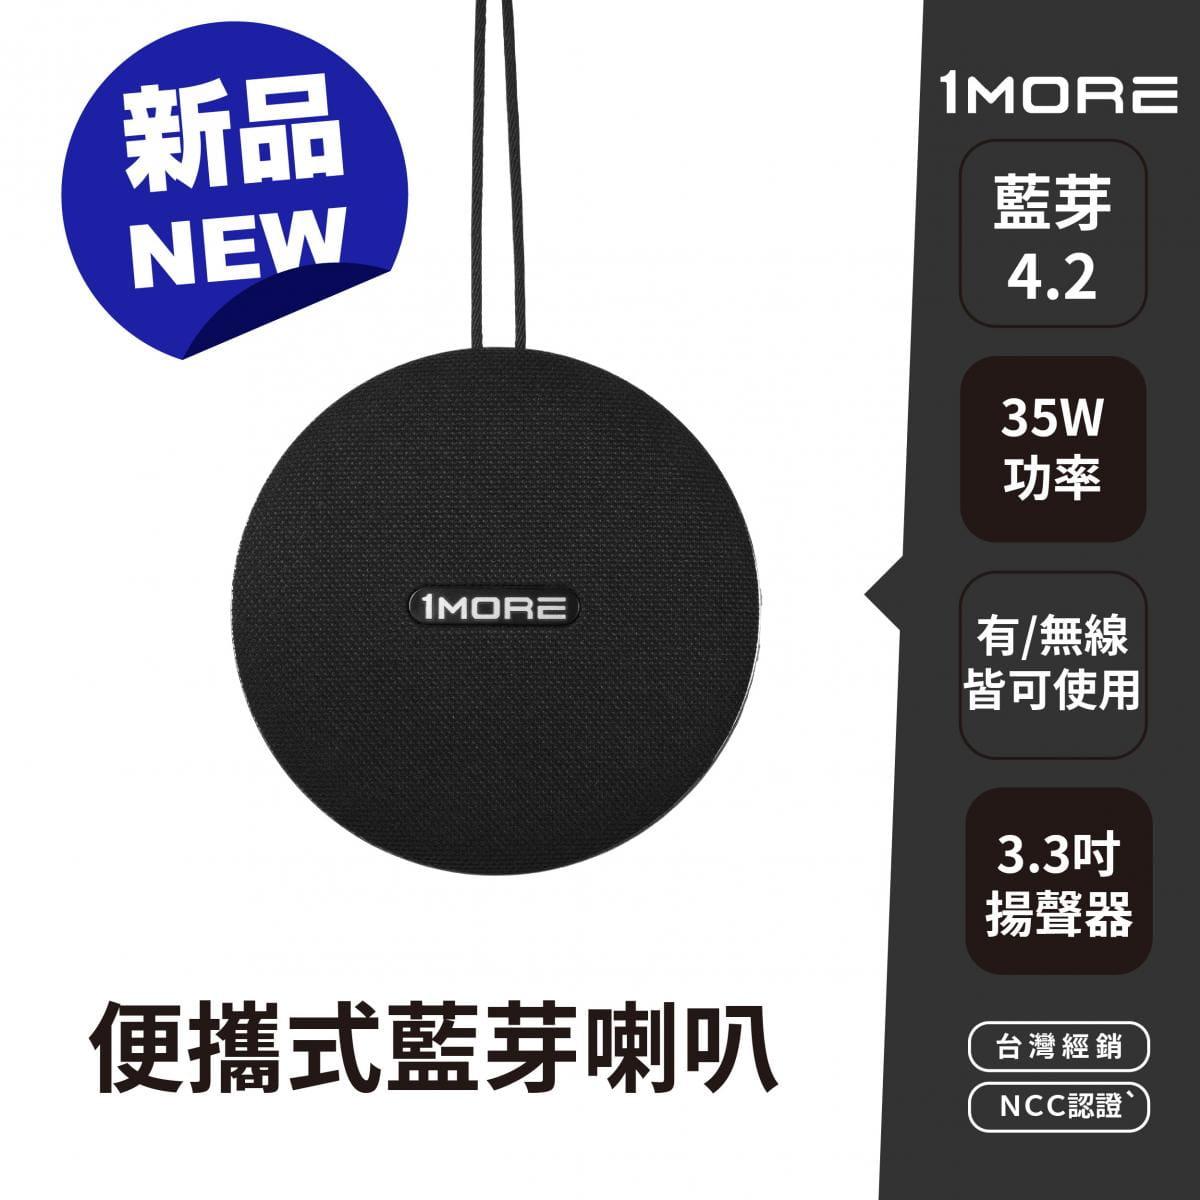 1MORE防水便攜式藍芽音響 藍芽喇叭 音箱 新品上市 S1001BT